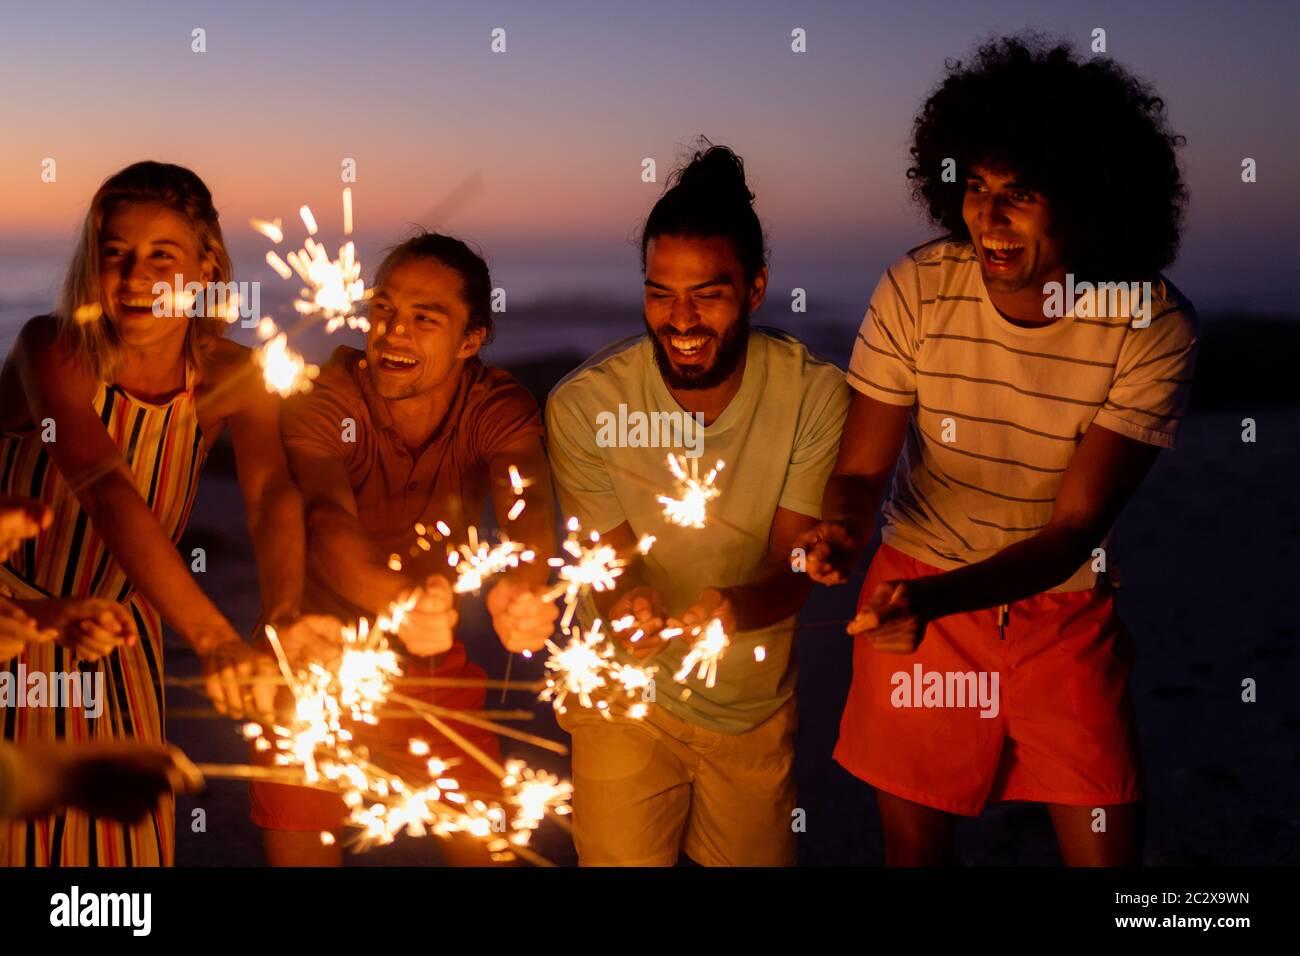 Multiethnische Gruppe von männlichen und weiblichen Tänzen mit Feuerwerkskörper Stockfoto